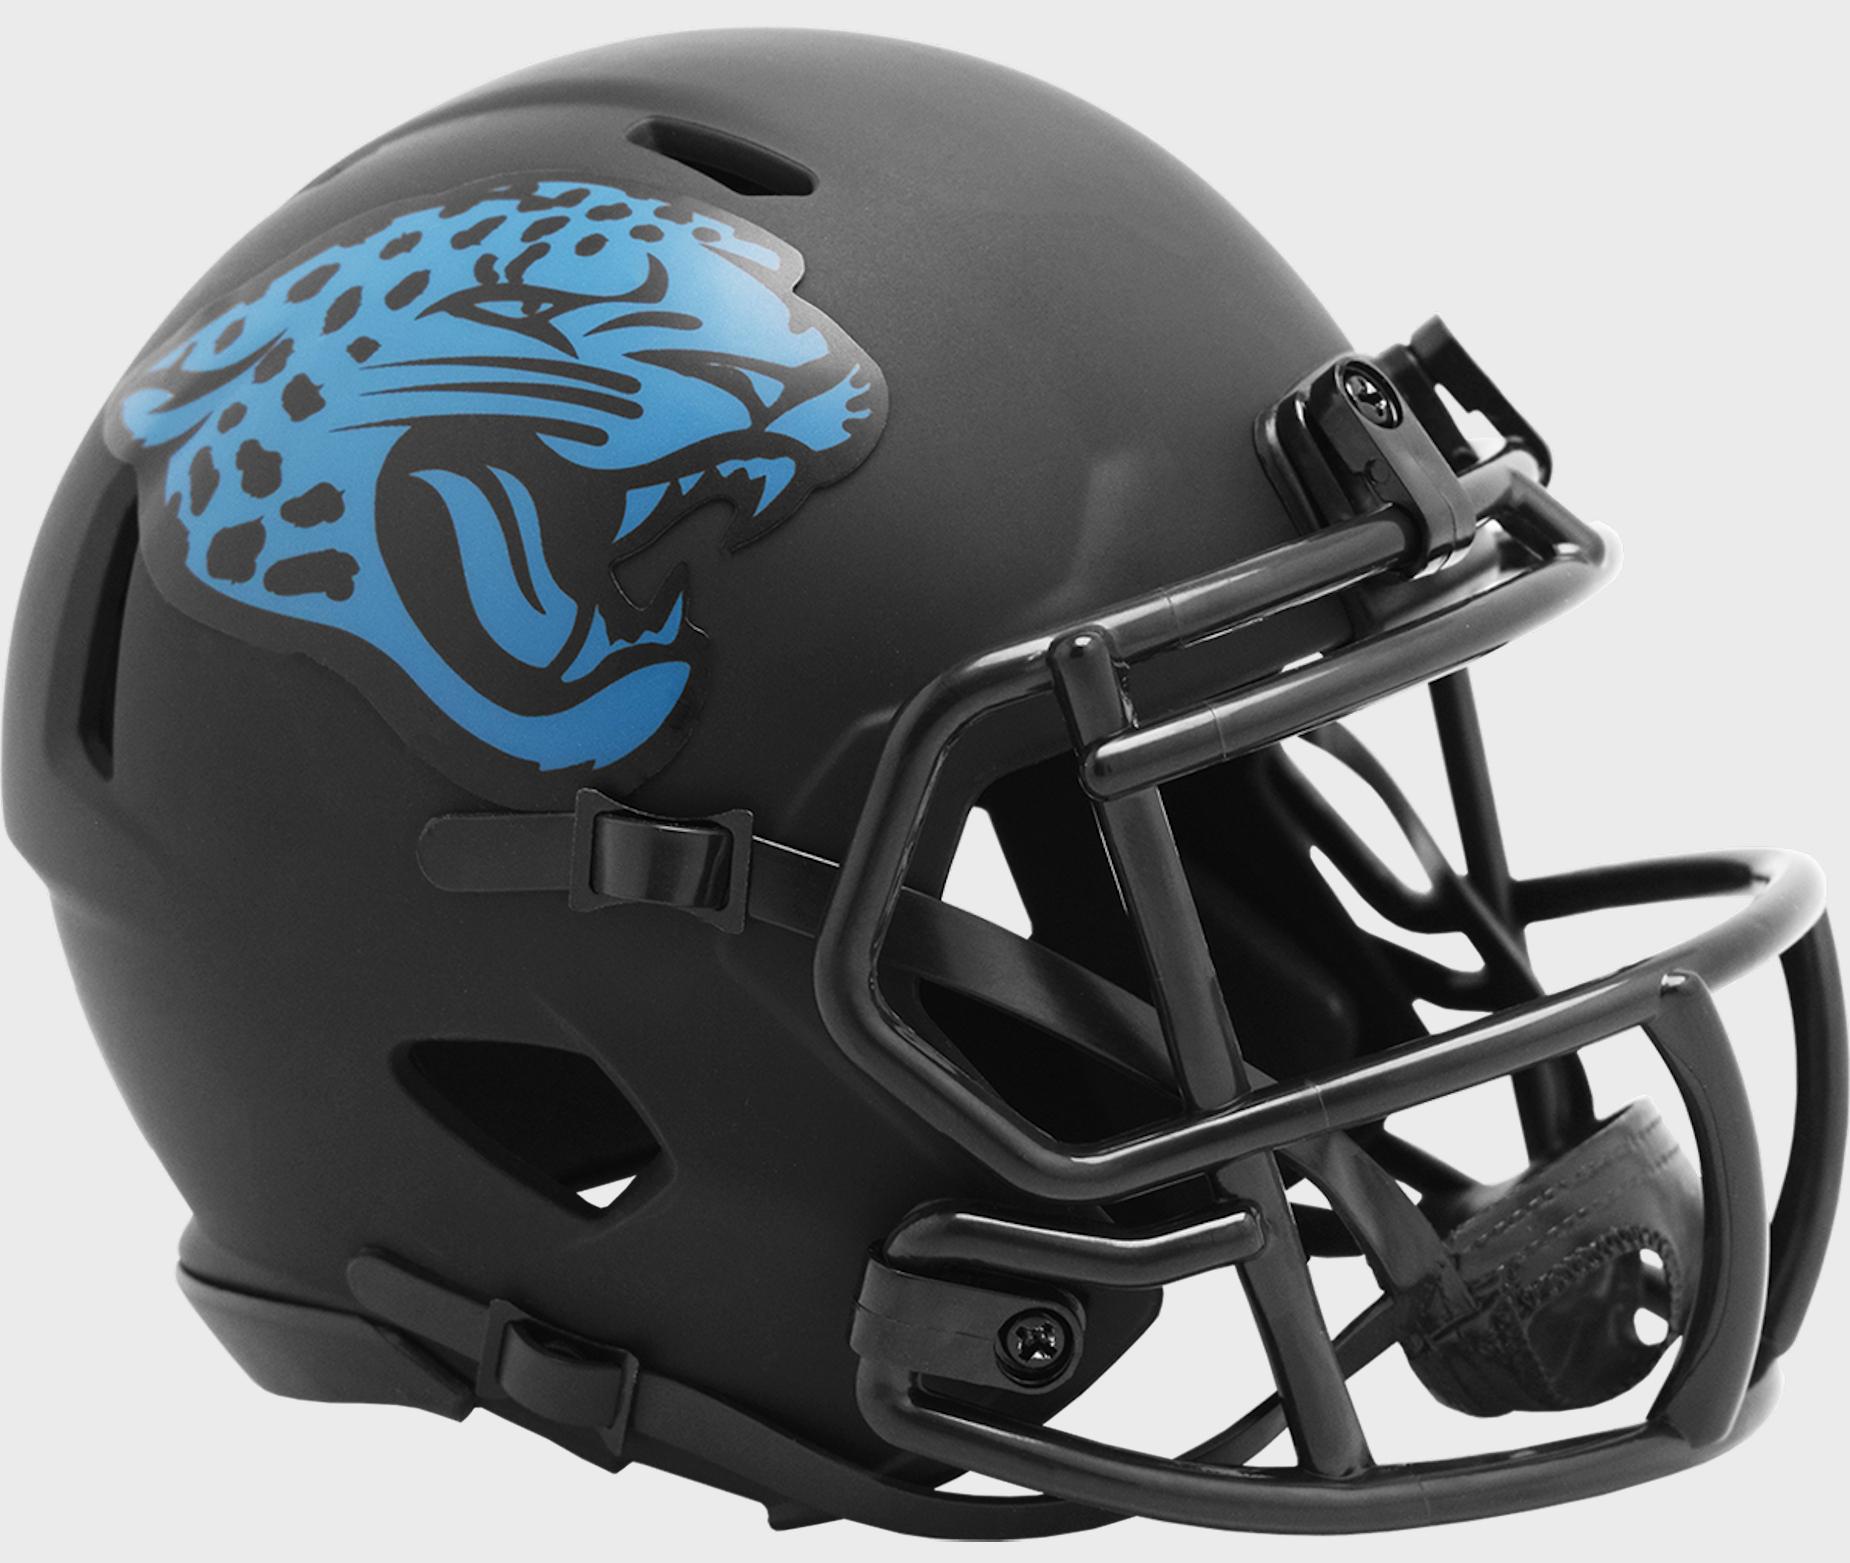 Jacksonville Jaguars NFL Mini Speed Football Helmet <B>ECLIPSE</B>